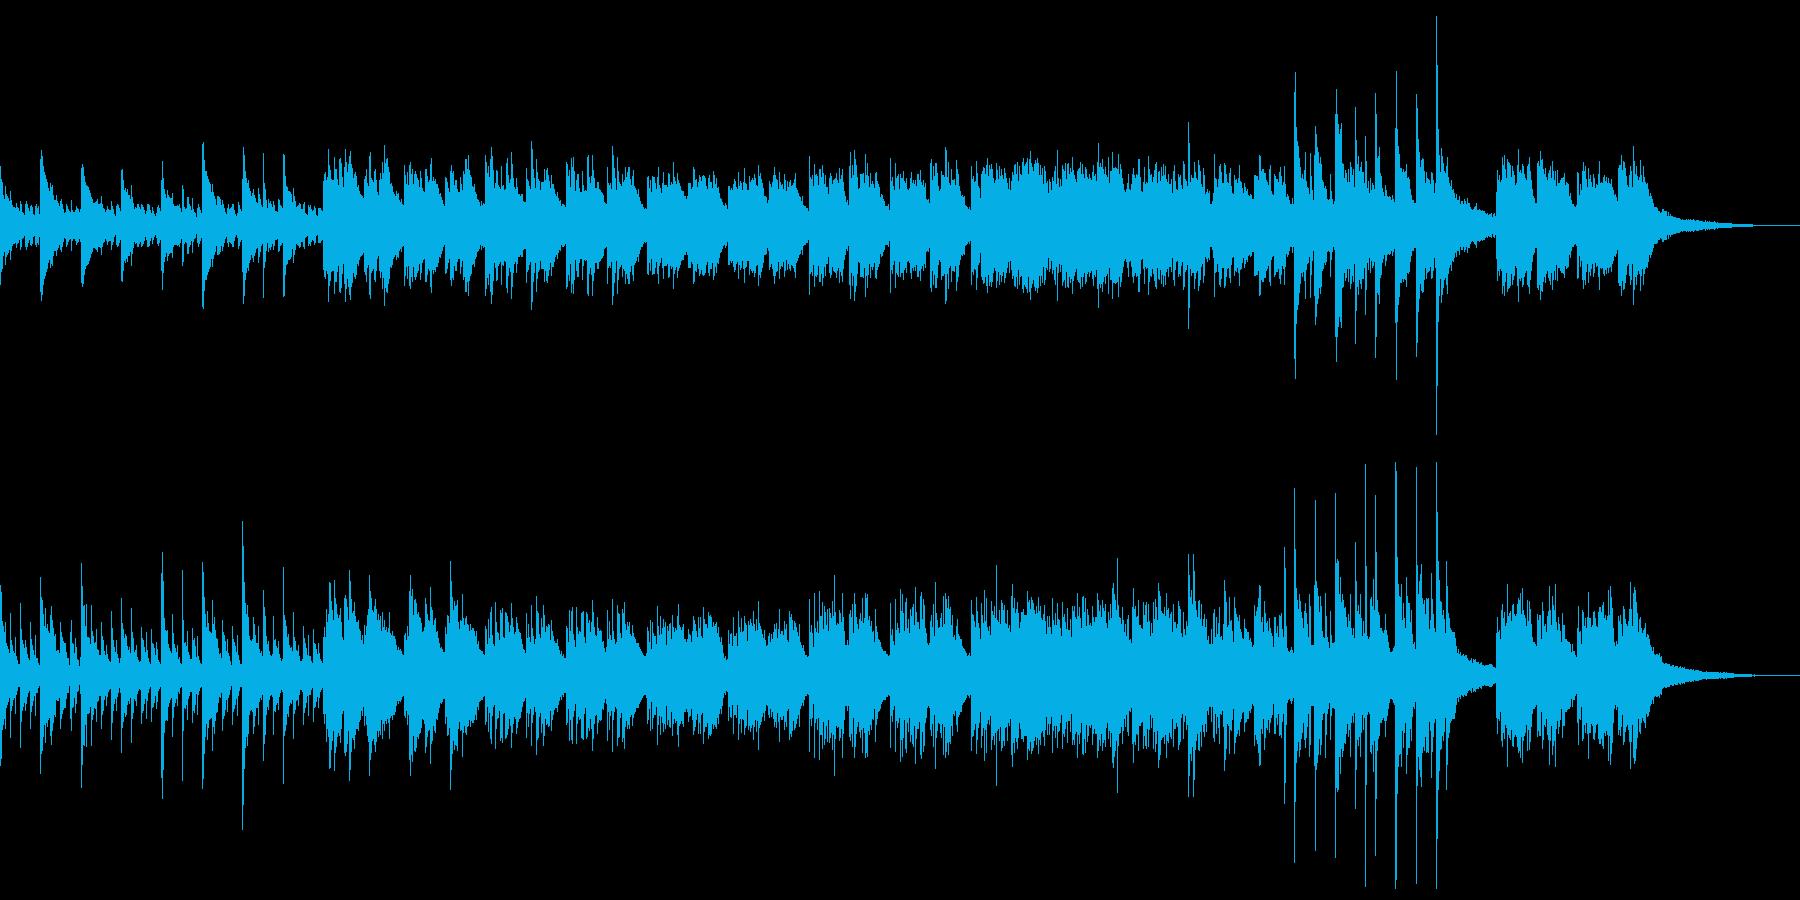 ピアノインスト:悲劇的、サスペンスの再生済みの波形